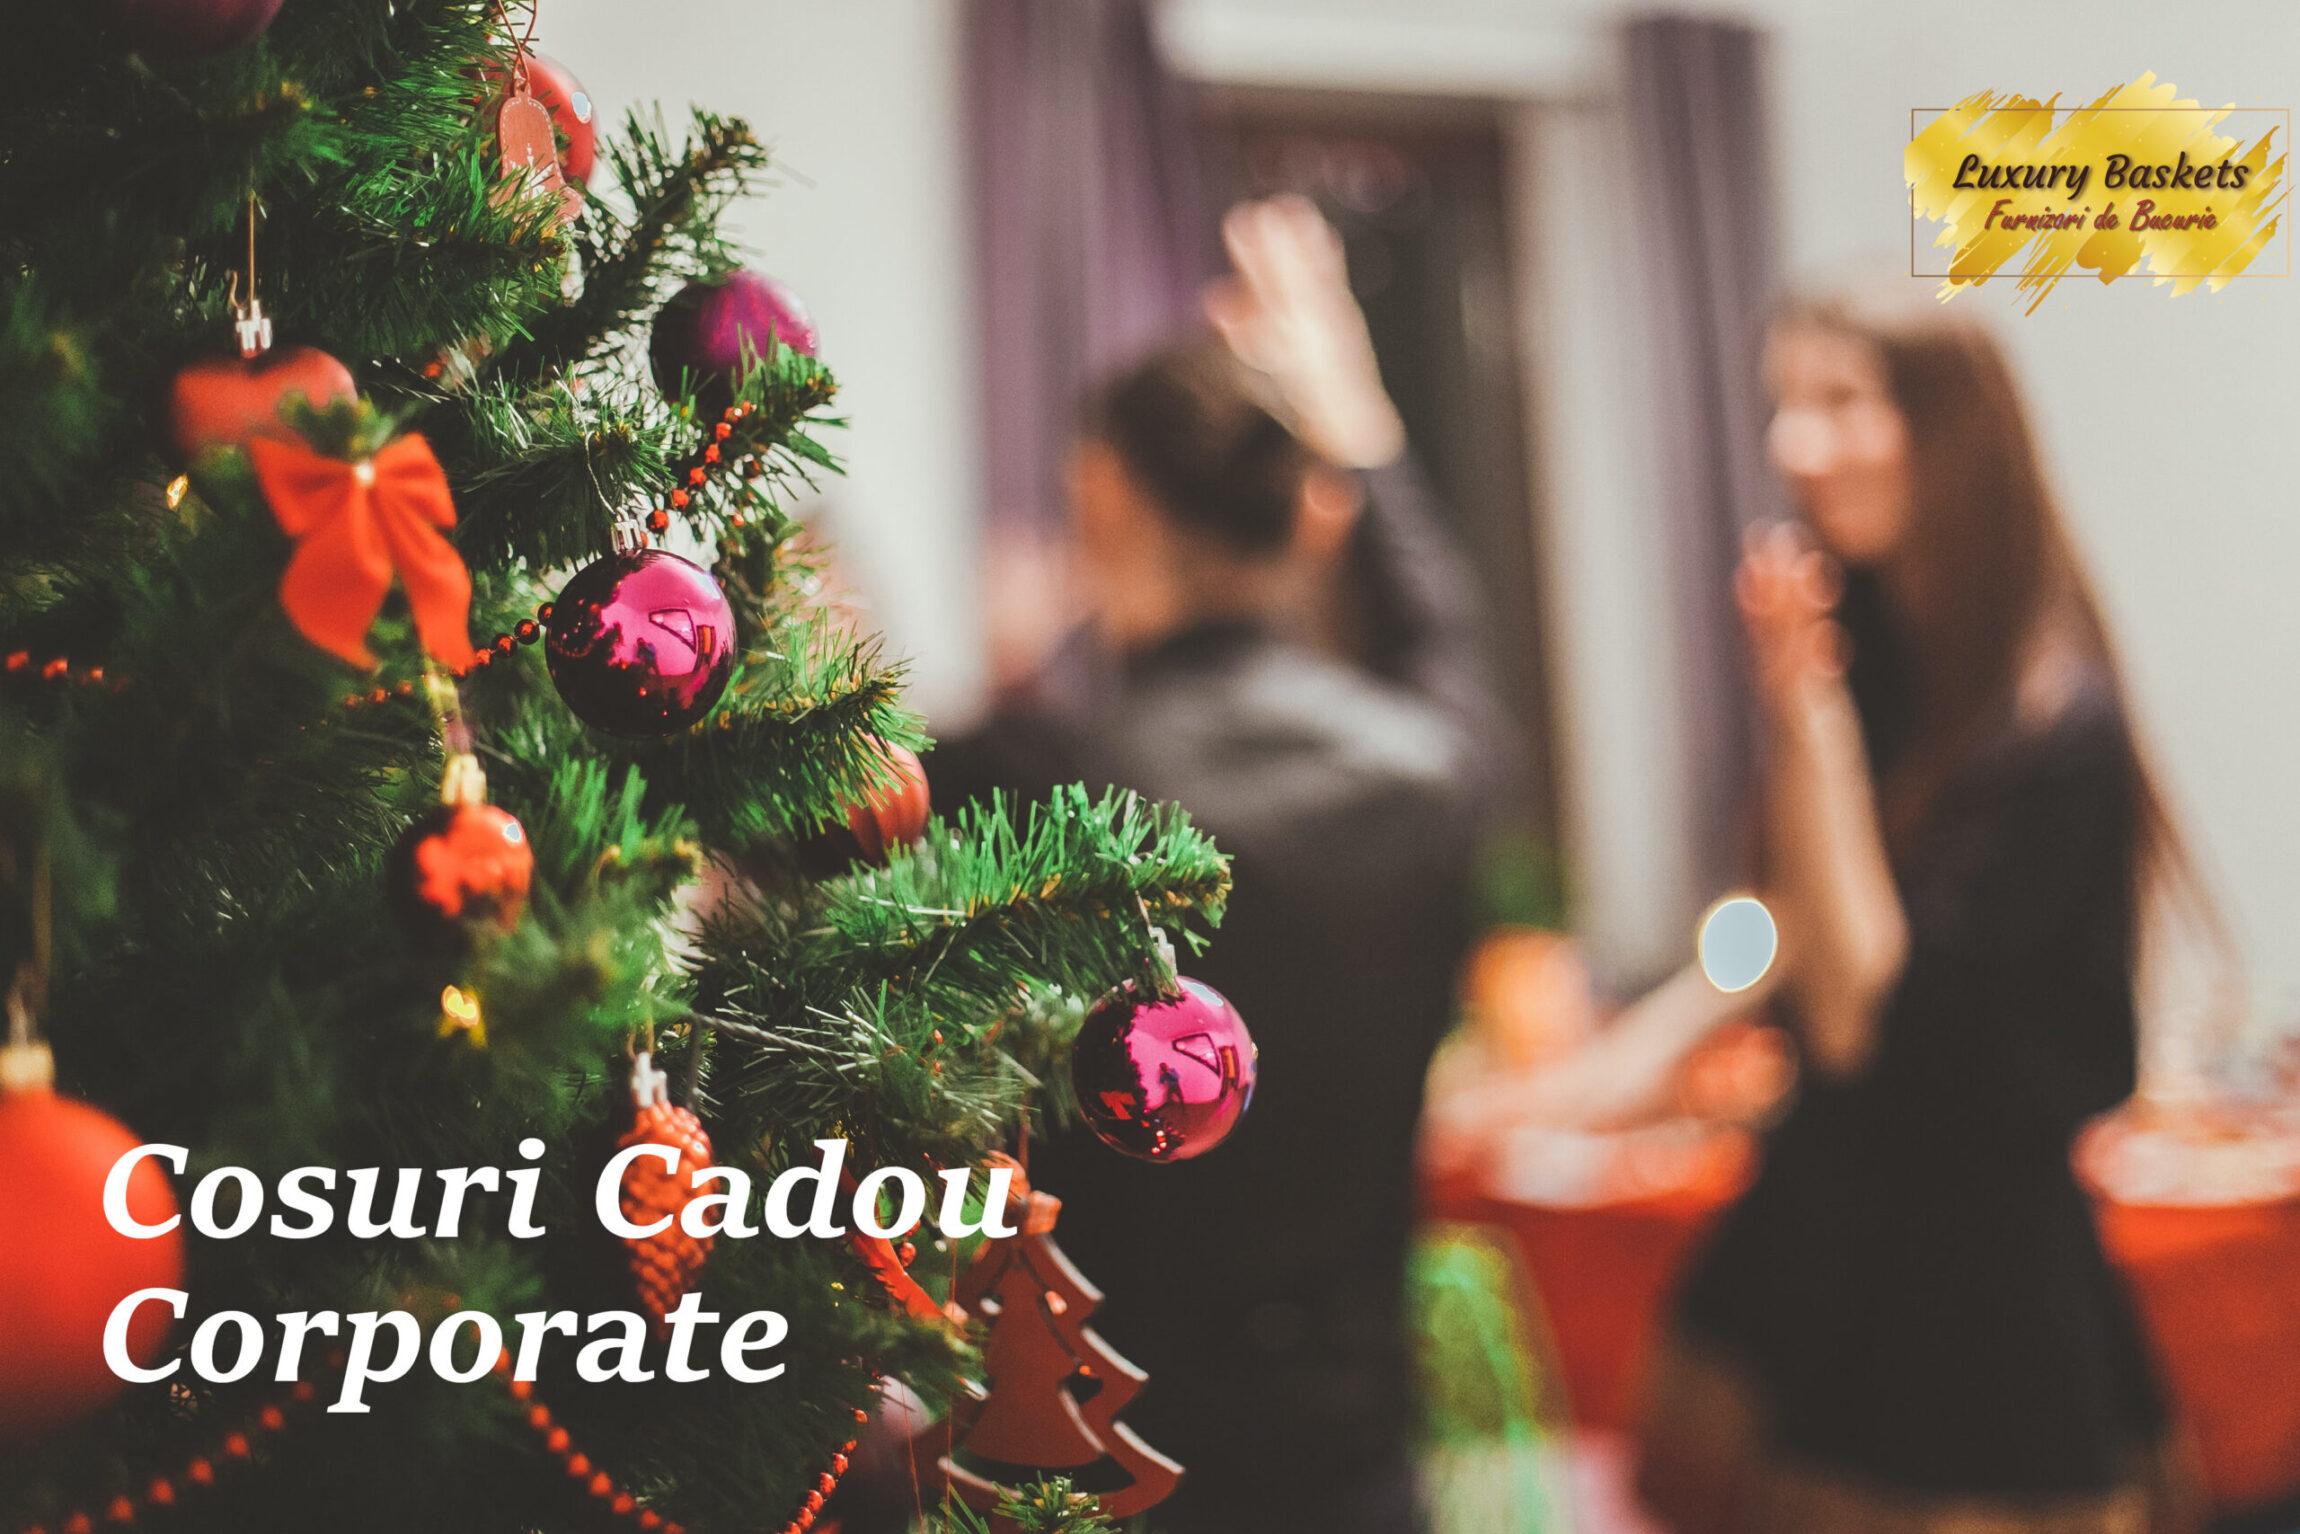 Cosuri Cadou Corporate 2020